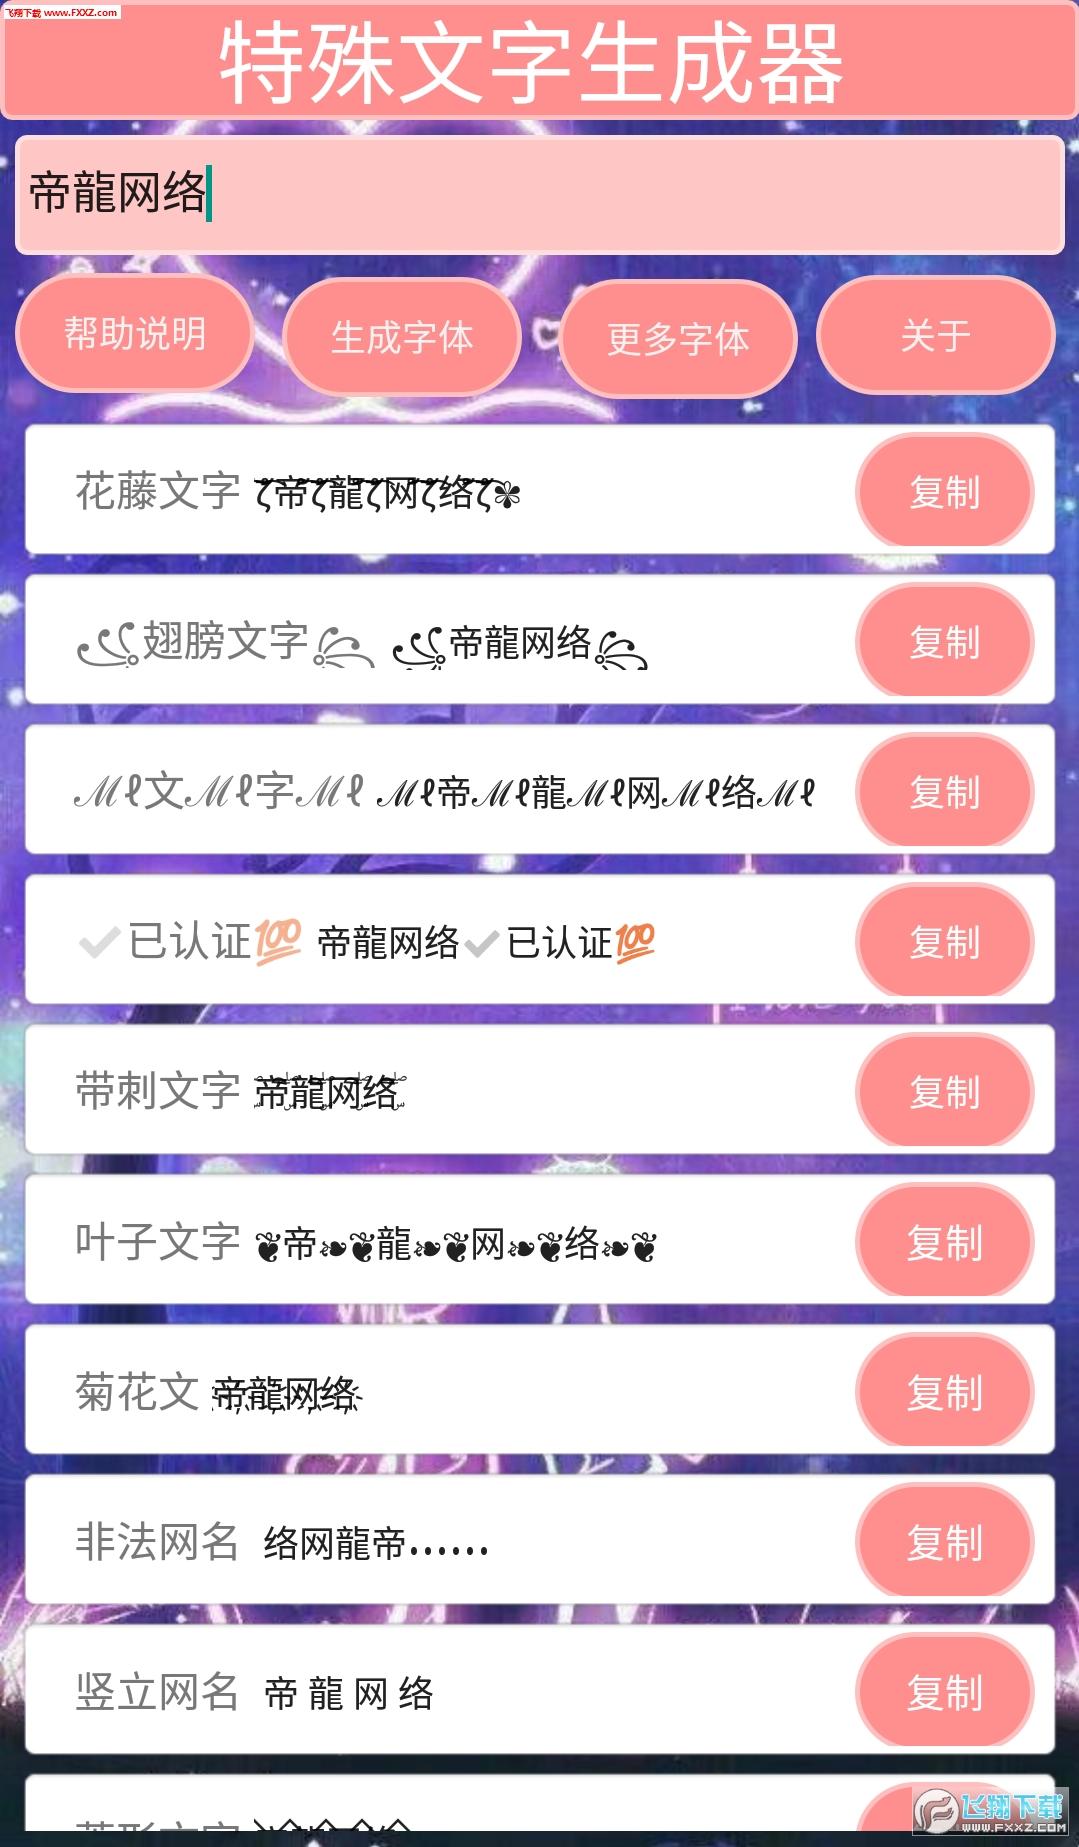 QQ昵称特殊文字生成器1.0手机版截图0